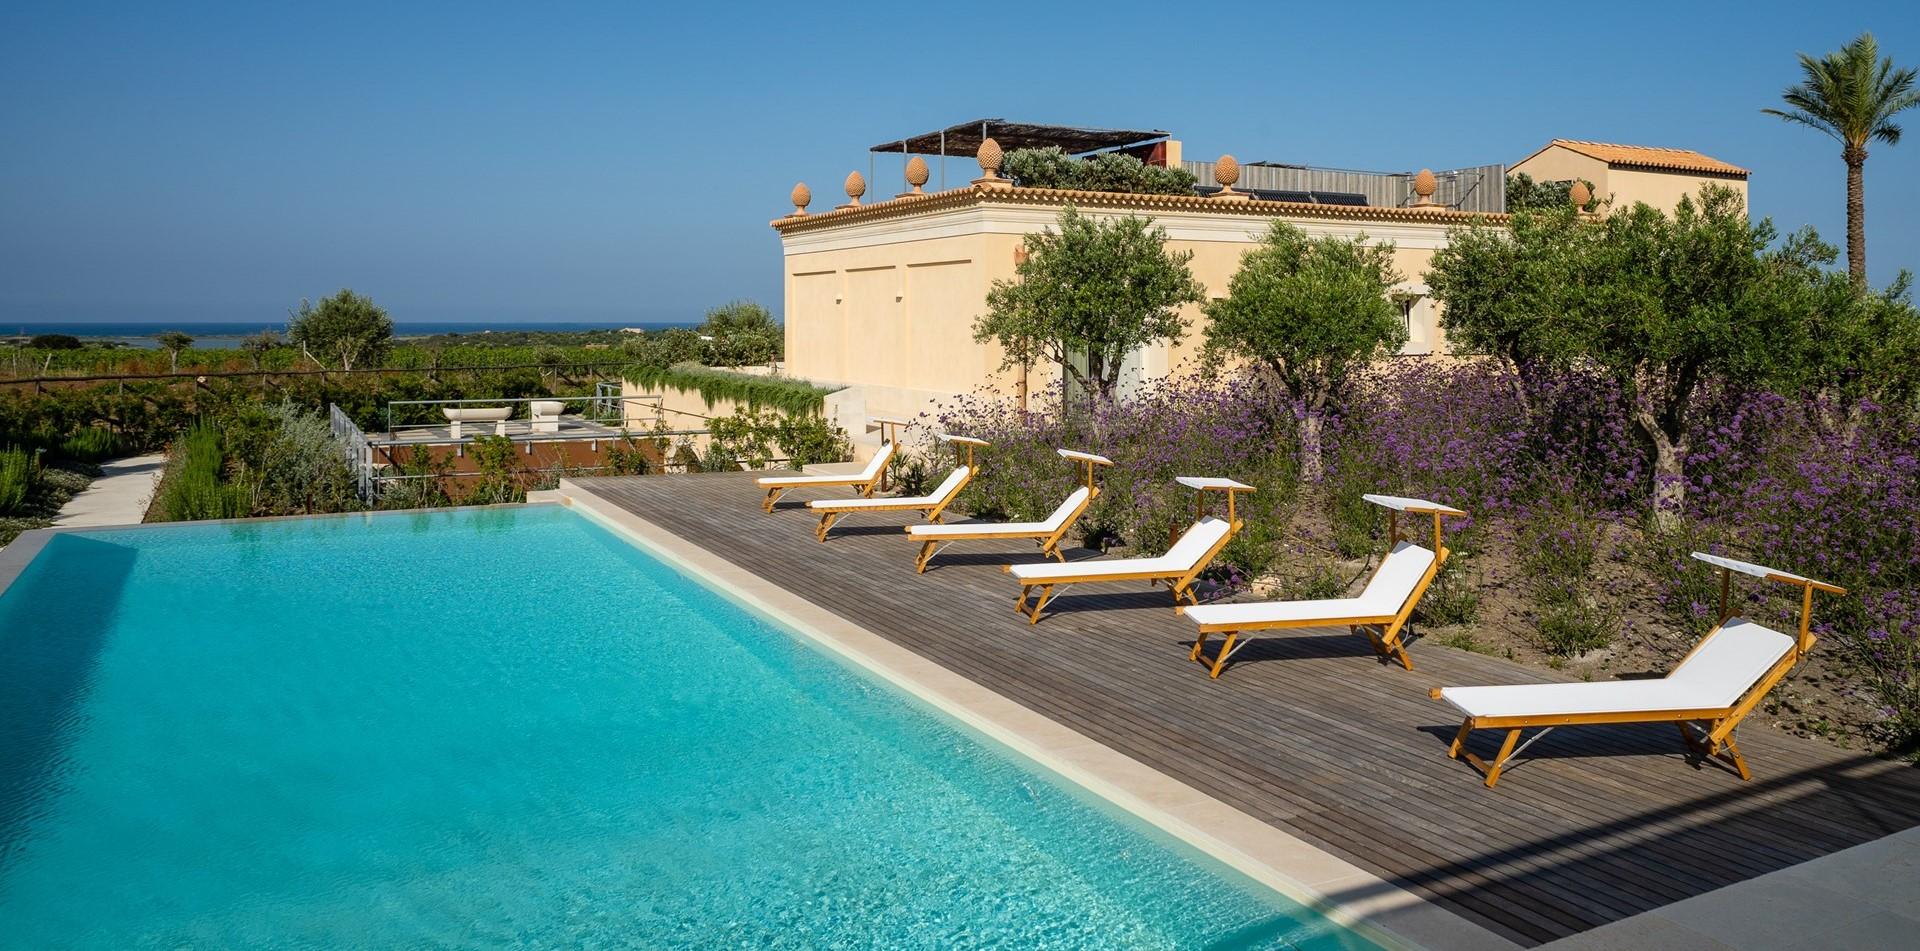 tailor-made-villa-holidays-sicily